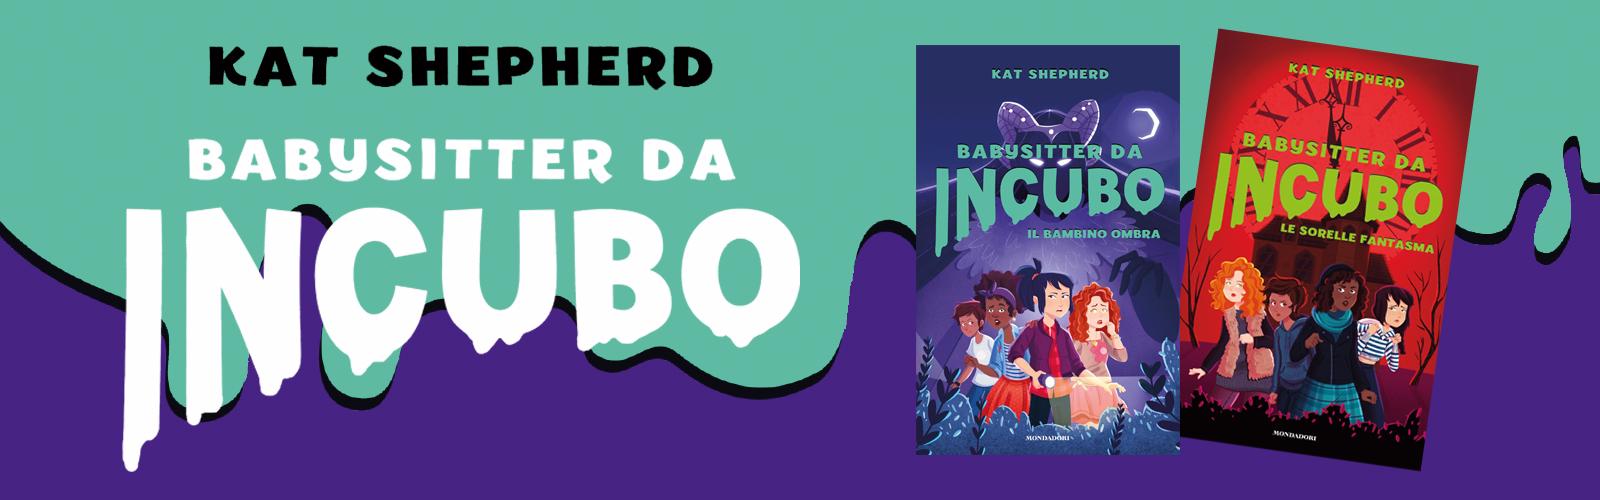 slider-babysitter-da-incubo